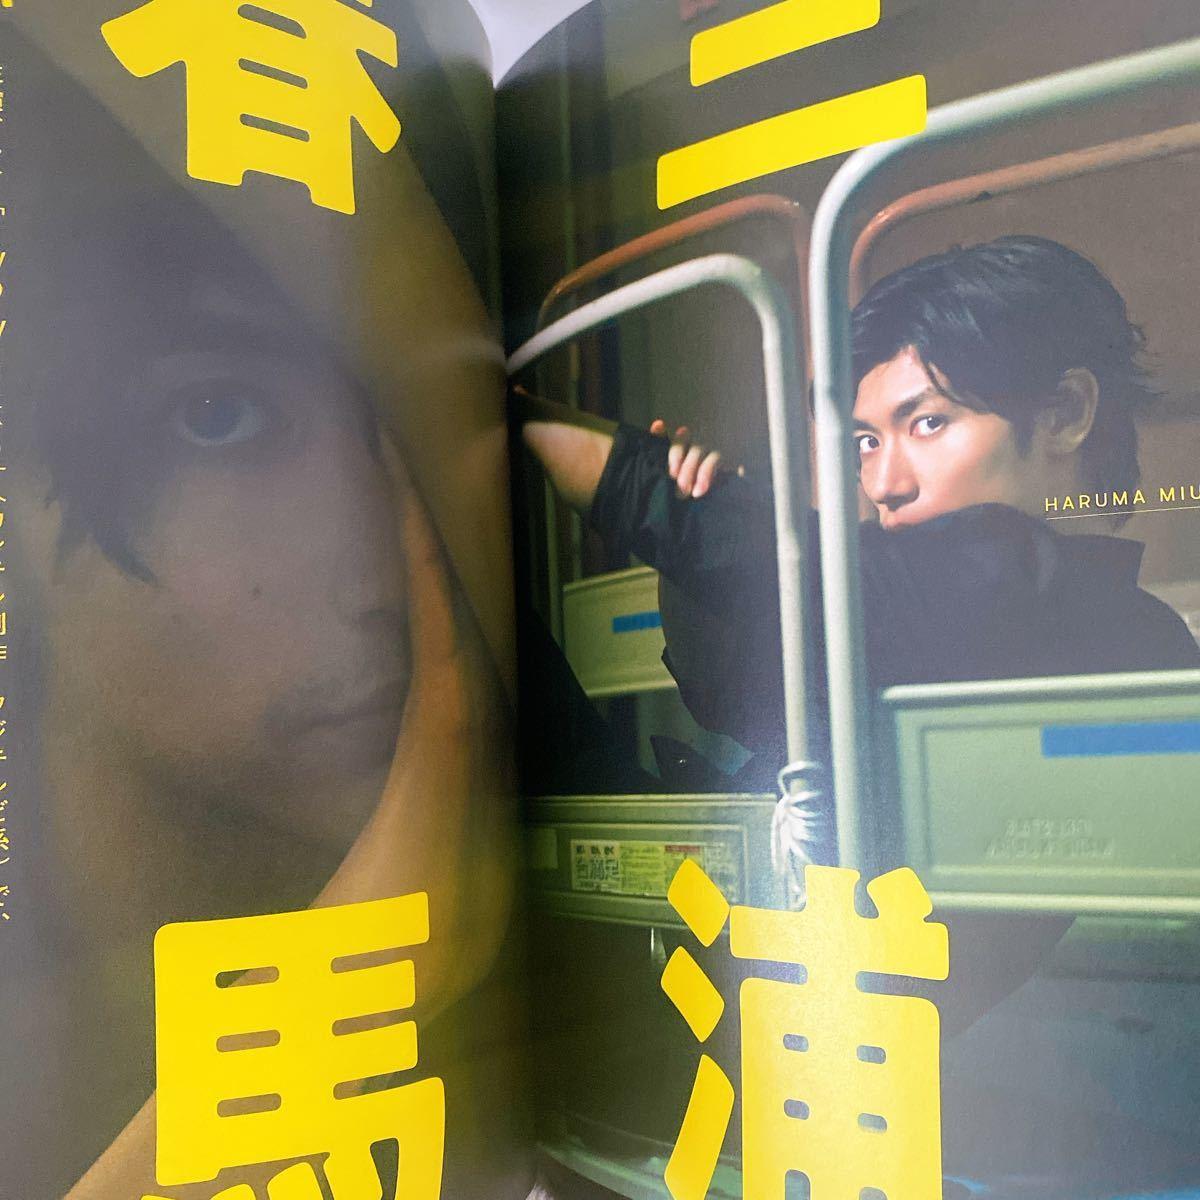 TVガイドperson vol.84 NEWS 増田貴久 1冊抜け無し 三浦春馬 テレビガイドパーソン